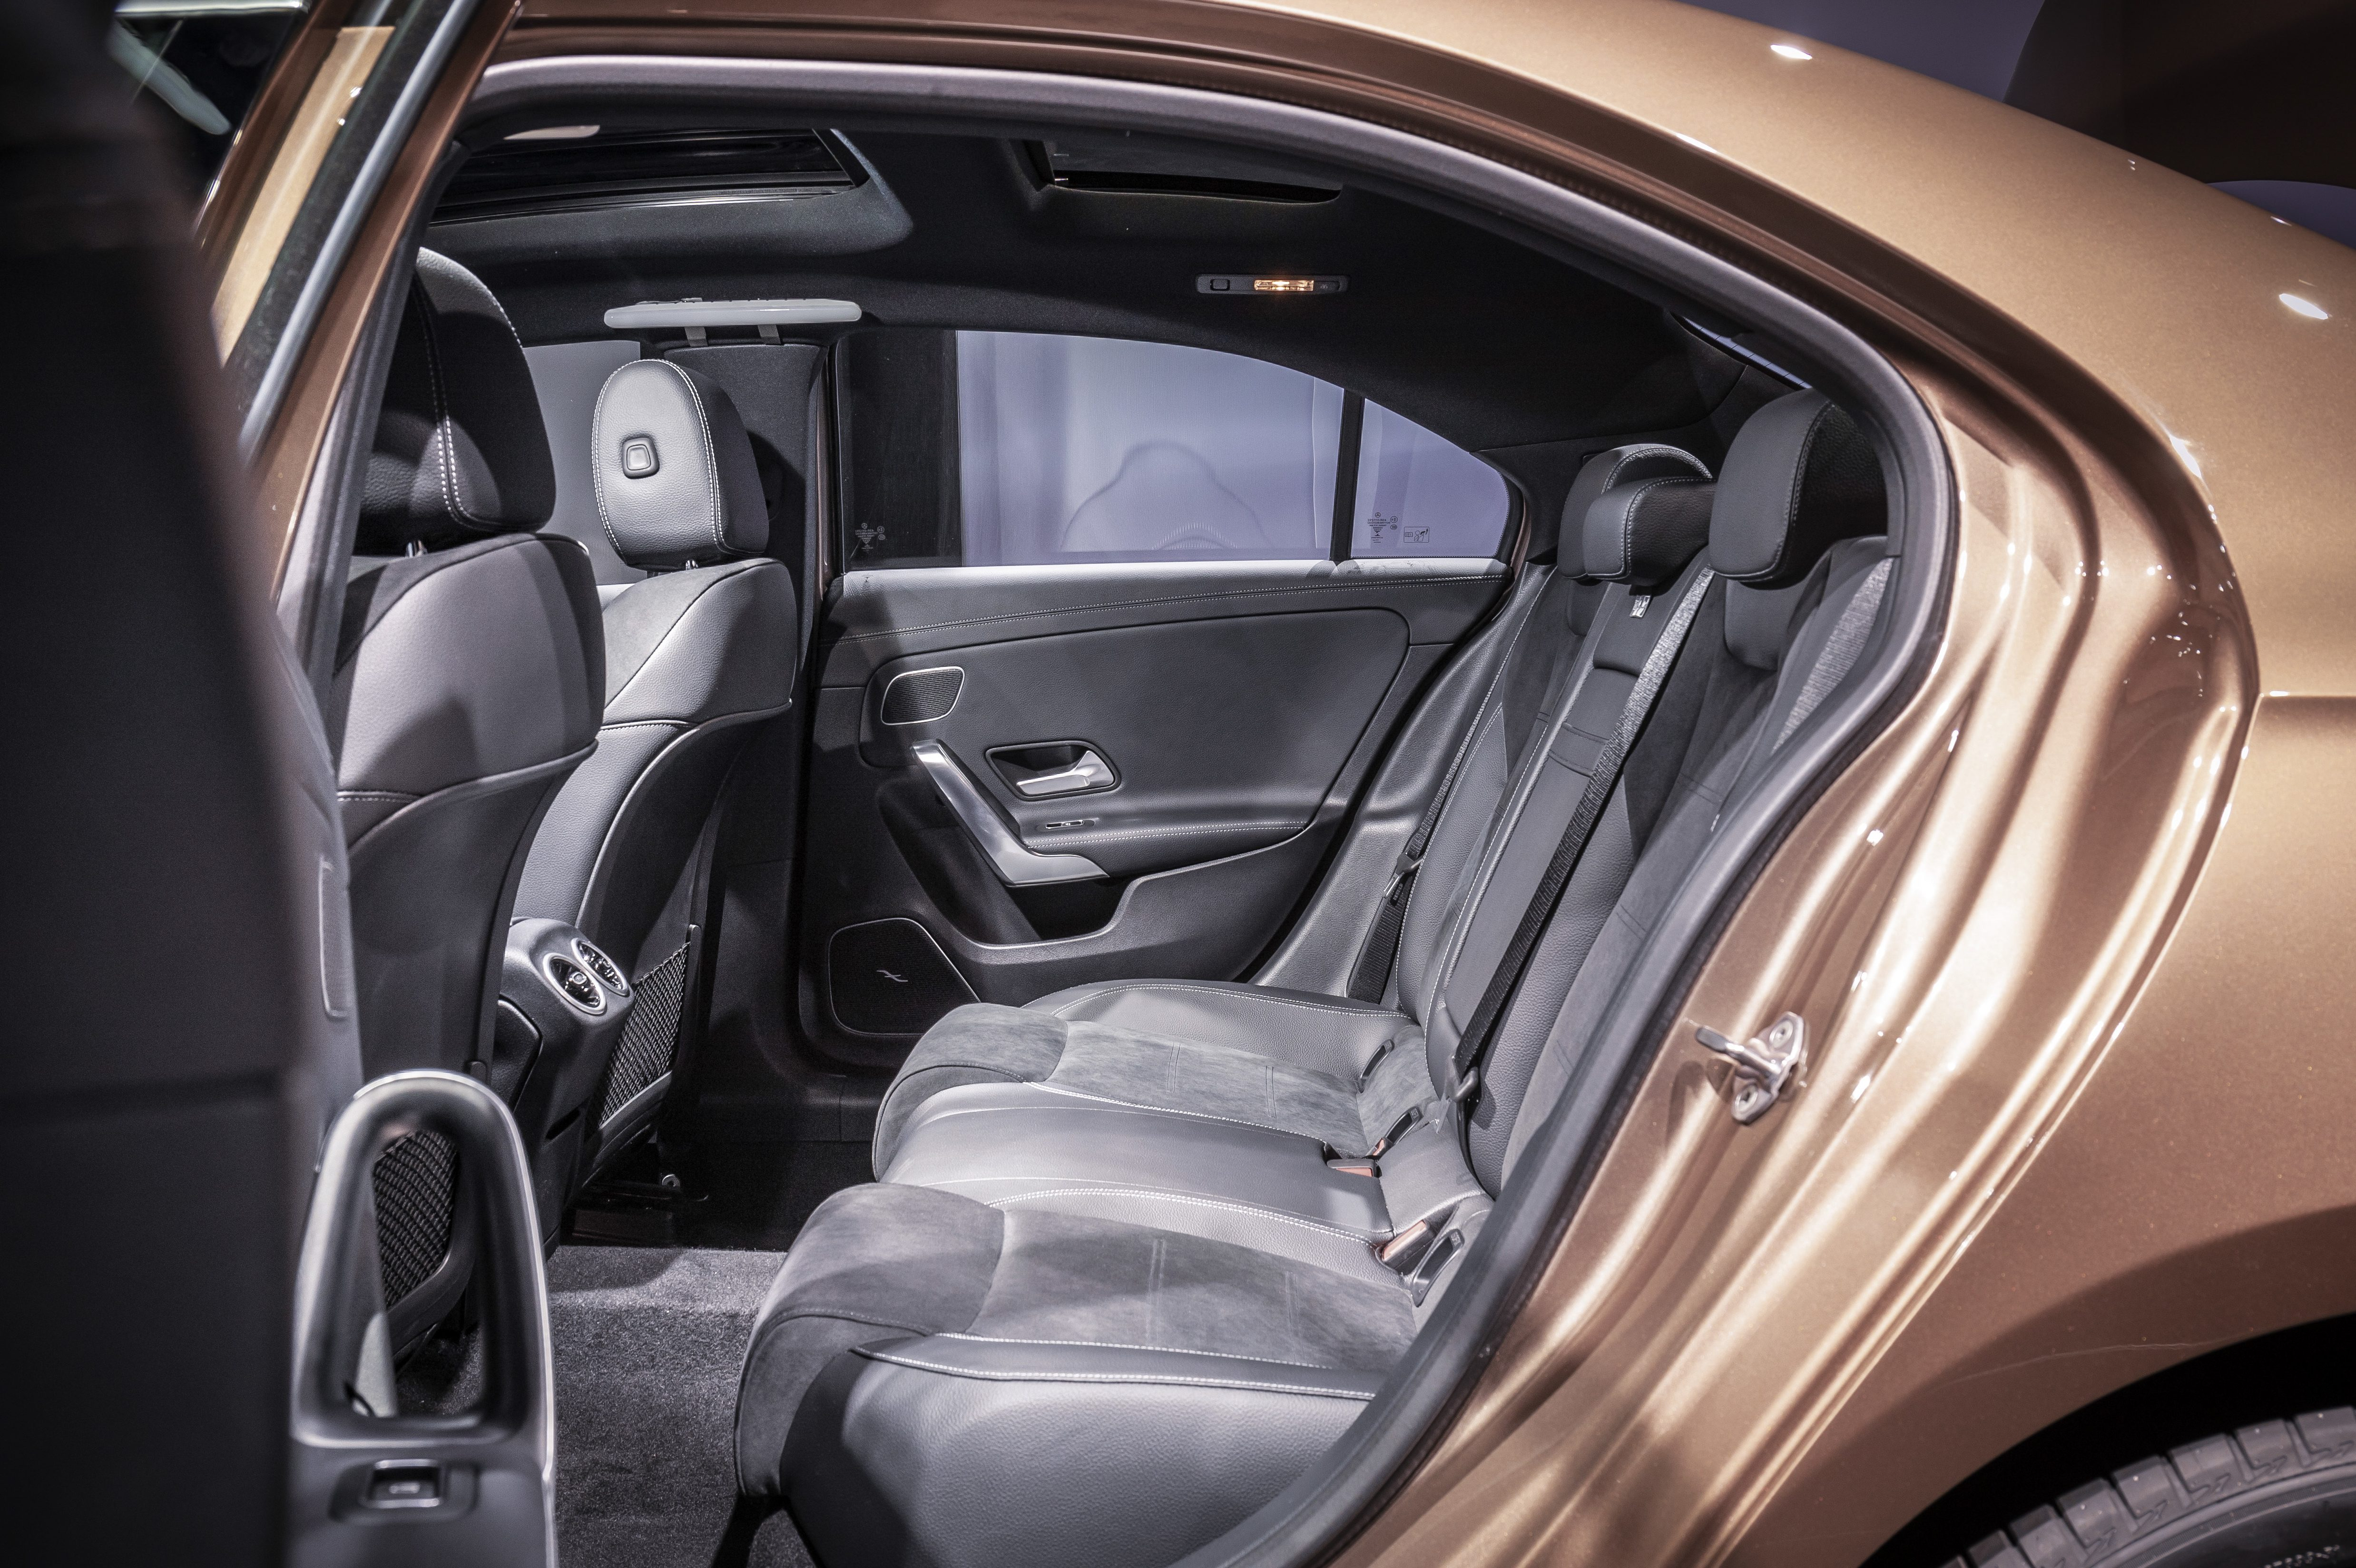 Mercedes Benz Classe A CLA Sedan